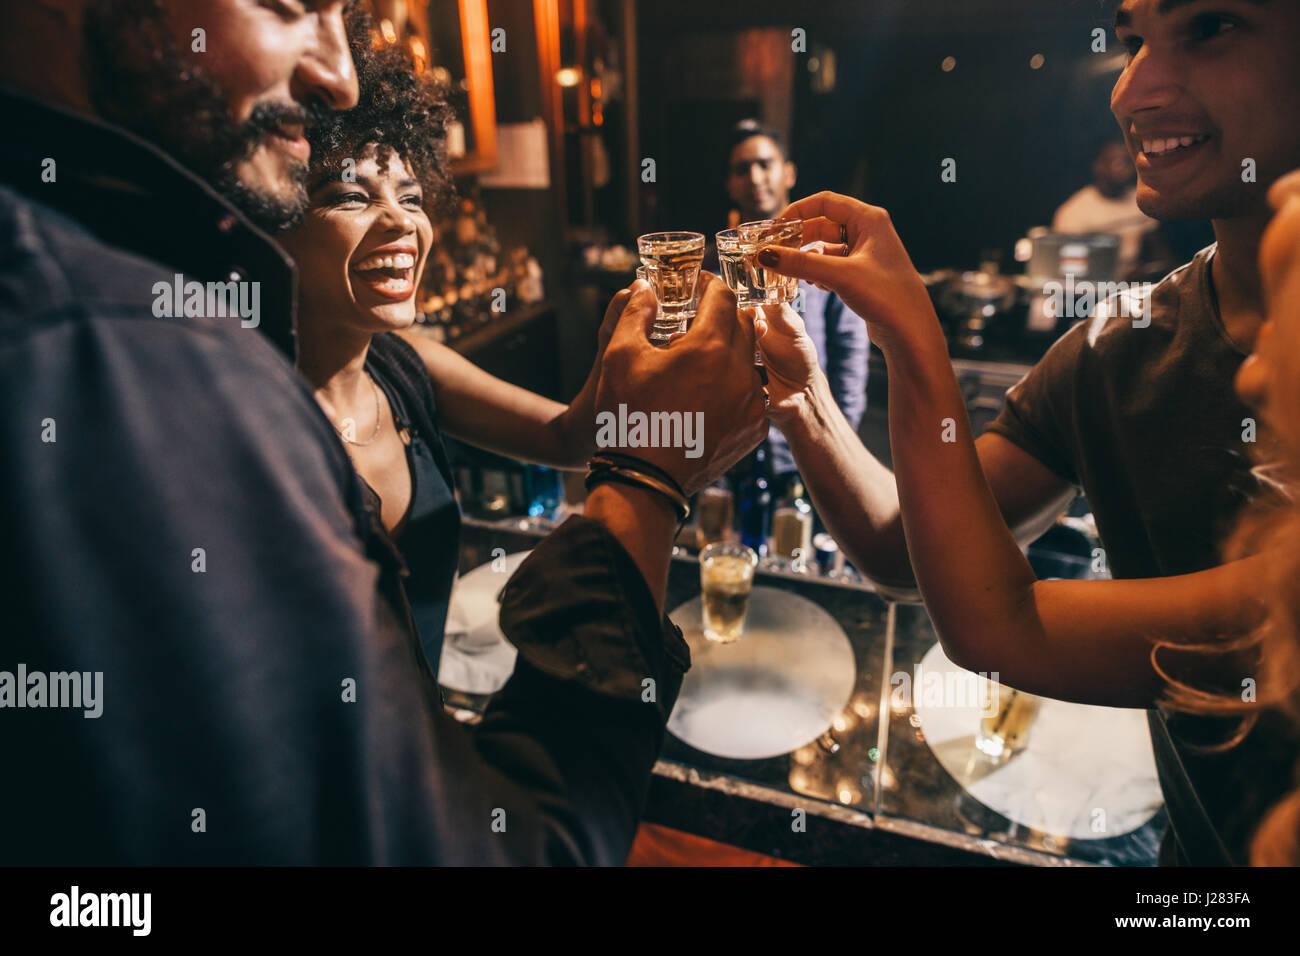 Friends toasting each other with shots de vodka qu'ils jouissent d'une soirée de détente ensemble Photo Stock